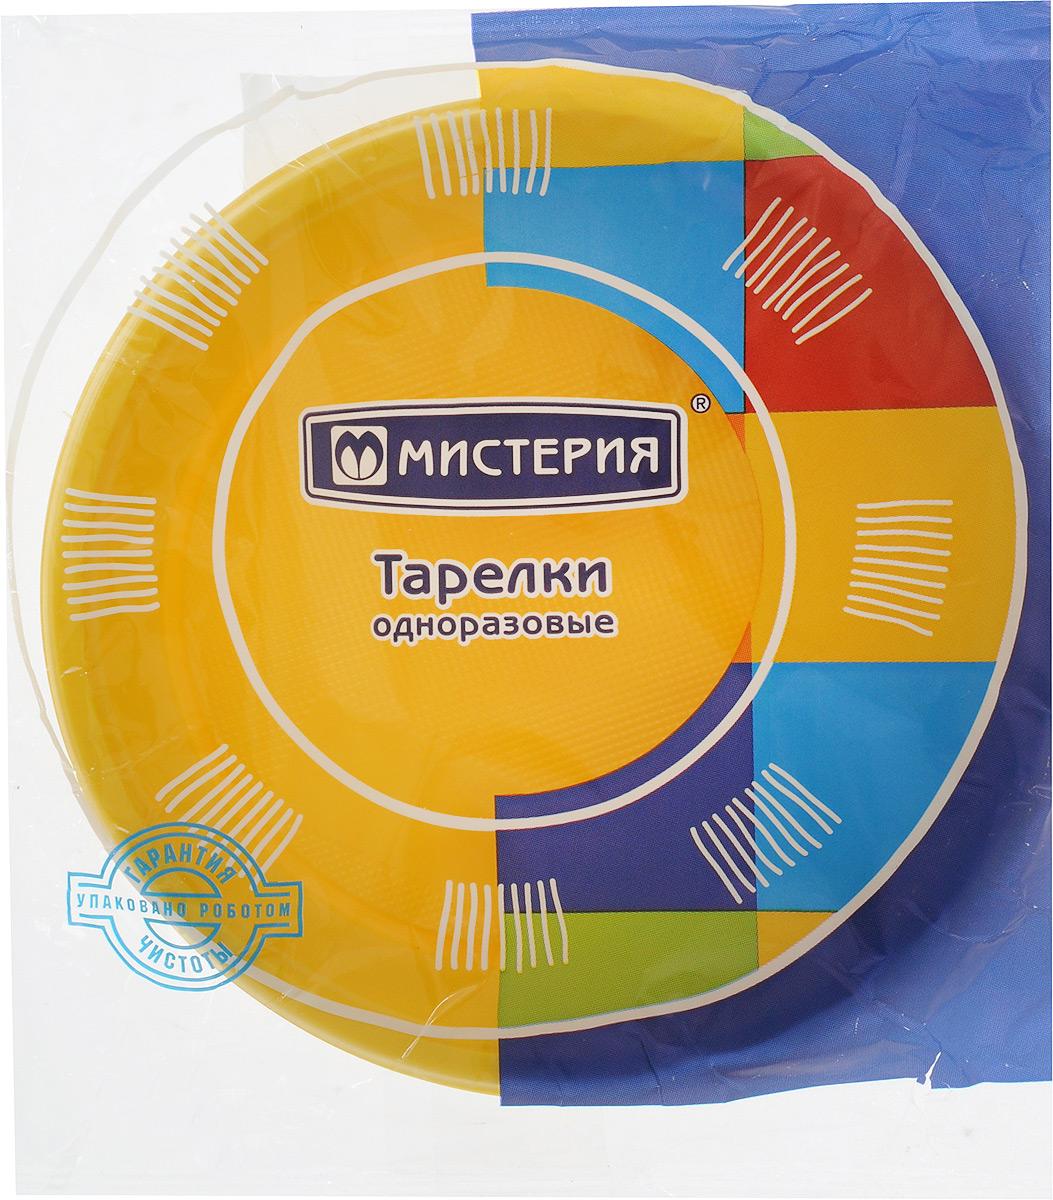 Набор одноразовых десертных тарелок Мистерия, цвет: желтый, диаметр 17 см, 12 шт183570Набор Мистерия состоит из 12 круглых десертных тарелок, выполненных из полистирола и предназначенных для одноразового использования. Подходят для холодных и горячих пищевых продуктов. Одноразовые тарелки будут незаменимы при поездках на природу, пикниках и других мероприятиях. Они не займут много места, легки и самое главное - после использования их не надо мыть. Диаметр тарелки: 17 см. Высота тарелки: 1,5 см.